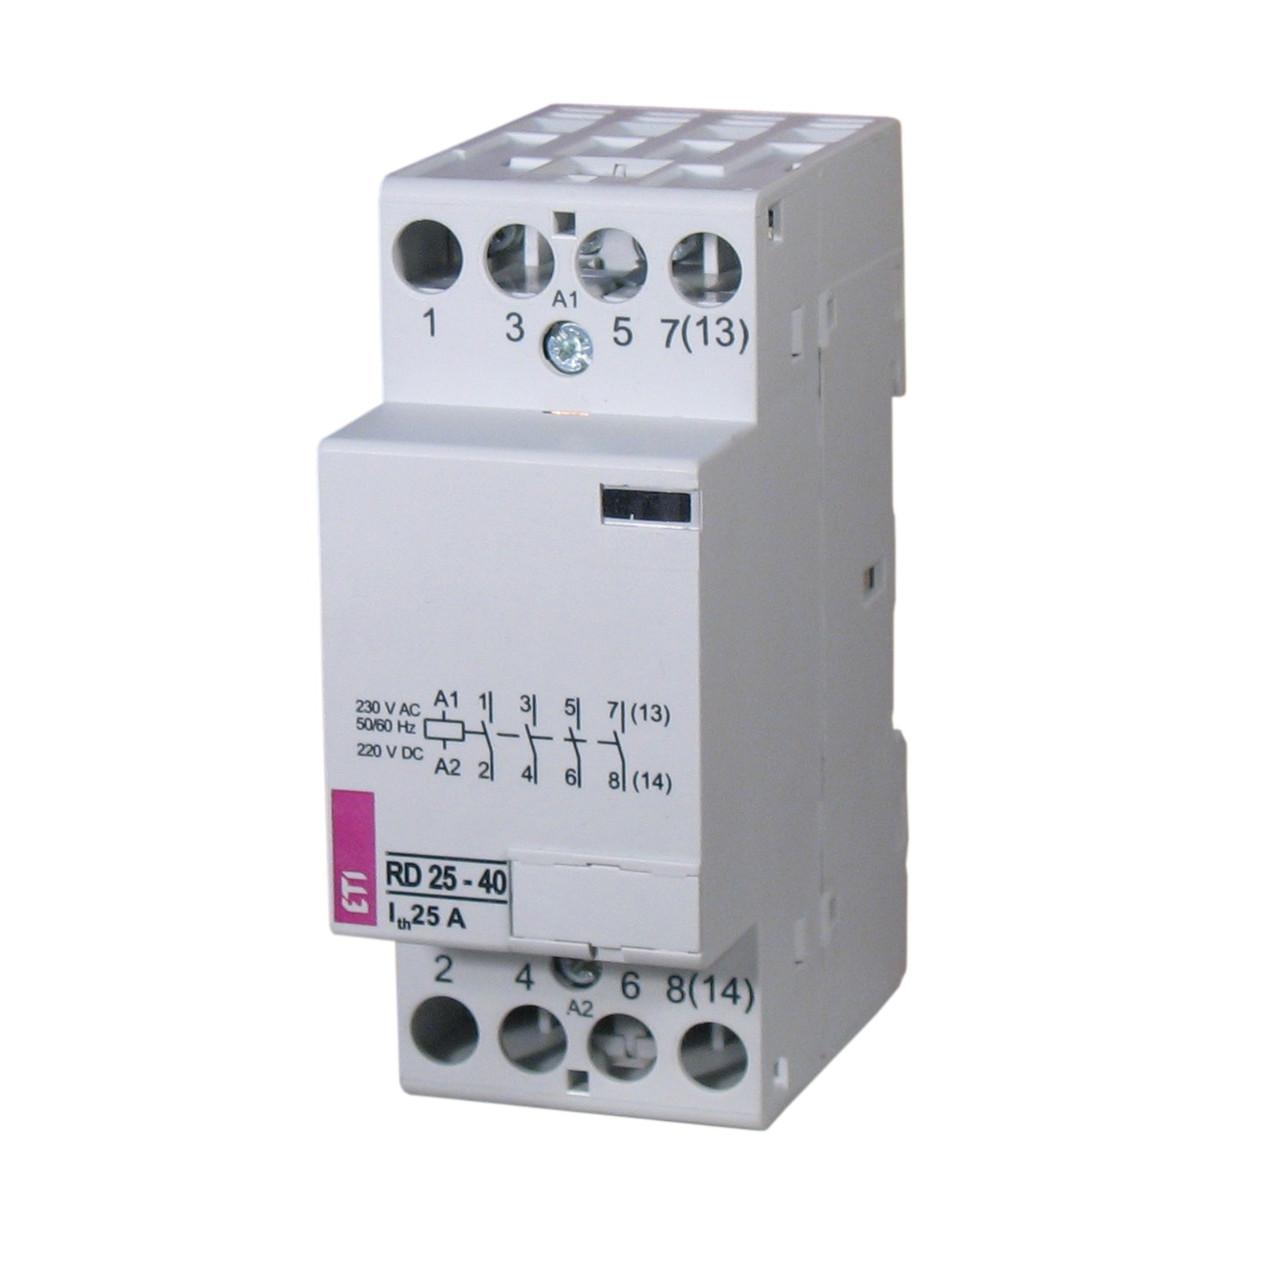 Модульный контактор ETI RD 25-40 230V AC/DC